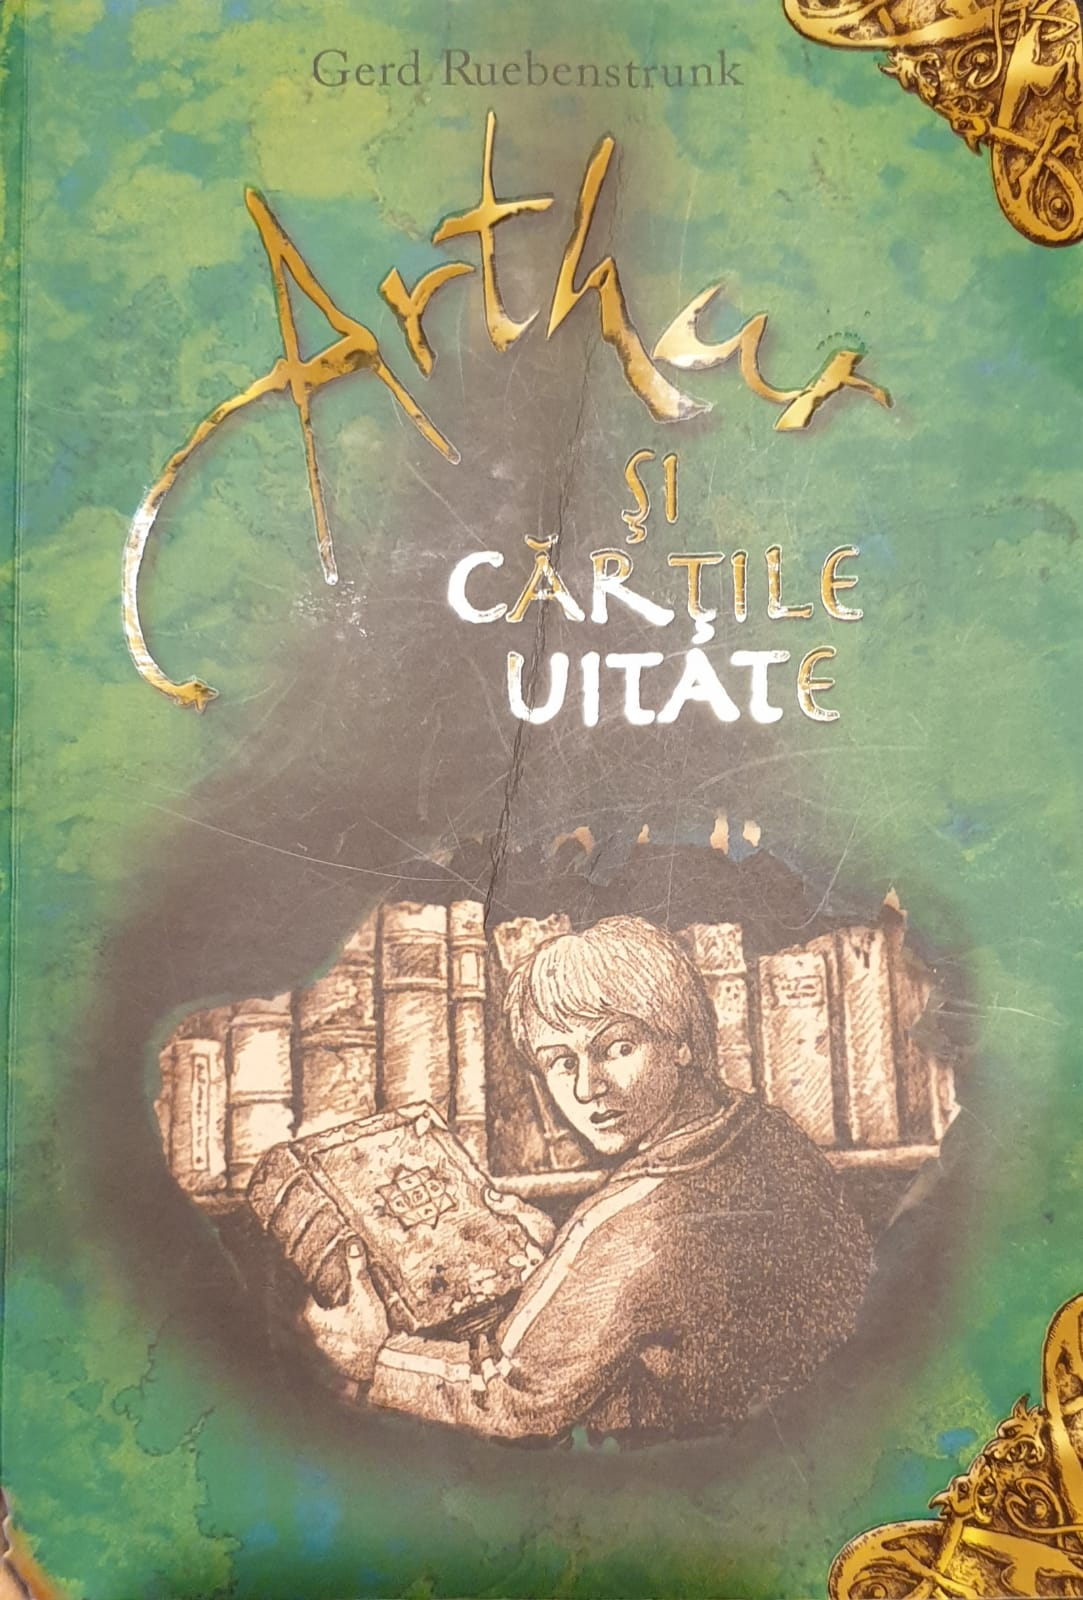 Arthur și Cărțile Uitate, test I